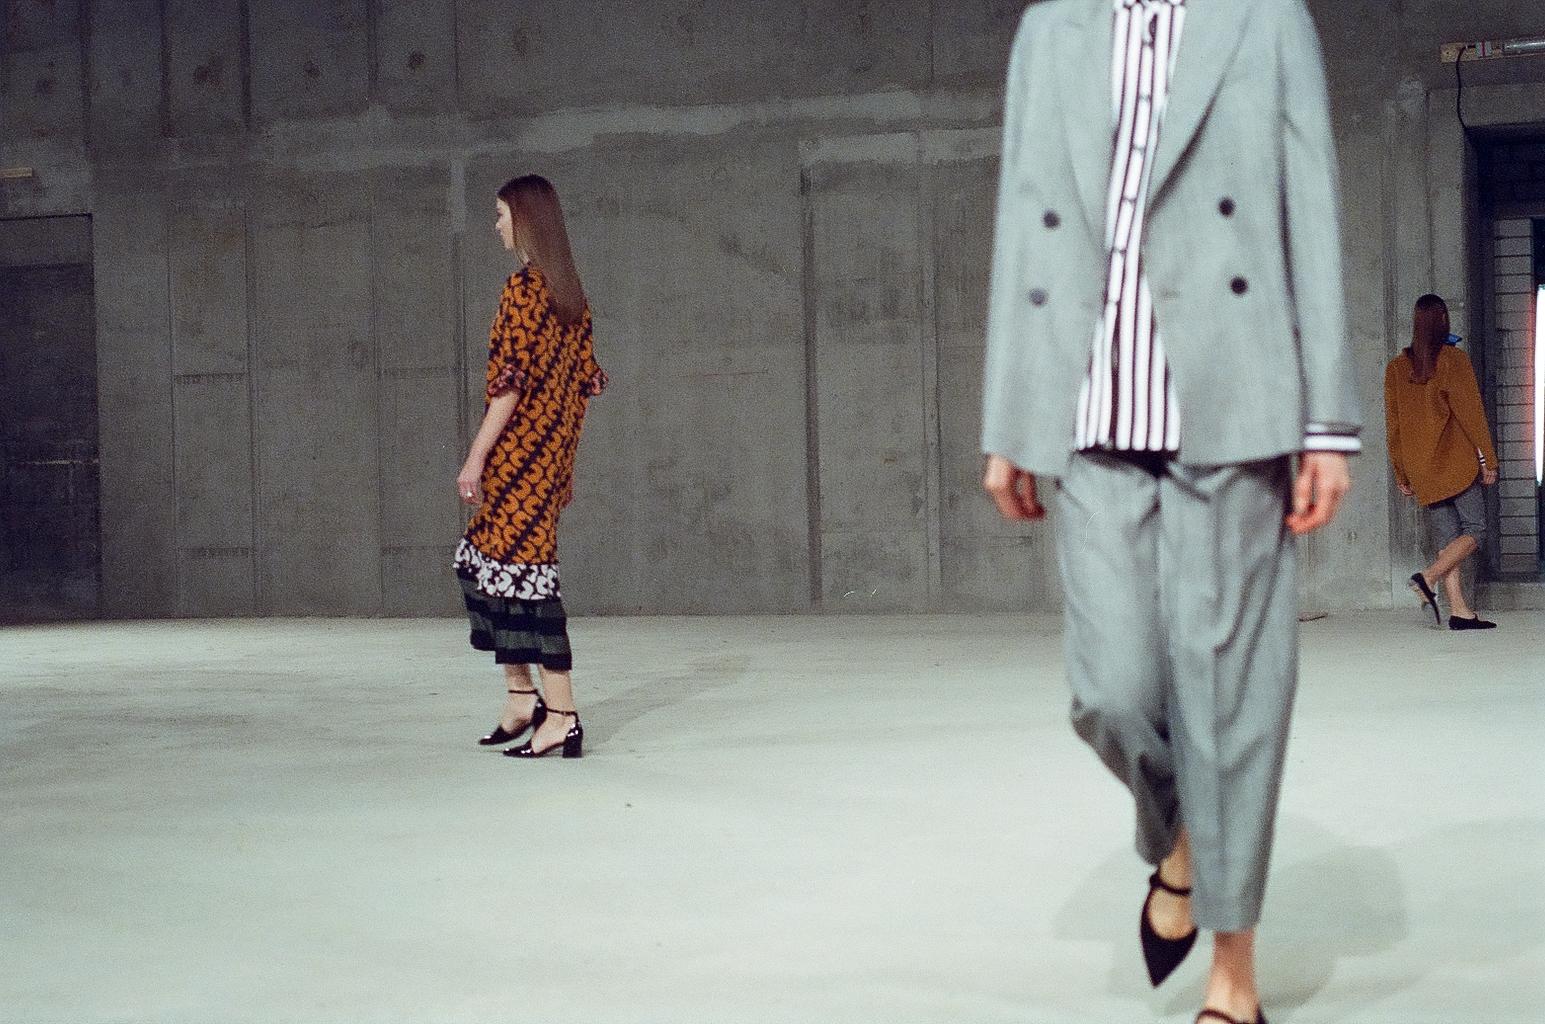 honigschreck_ honigstein _ fashionweek _ odeeh (27).jpg